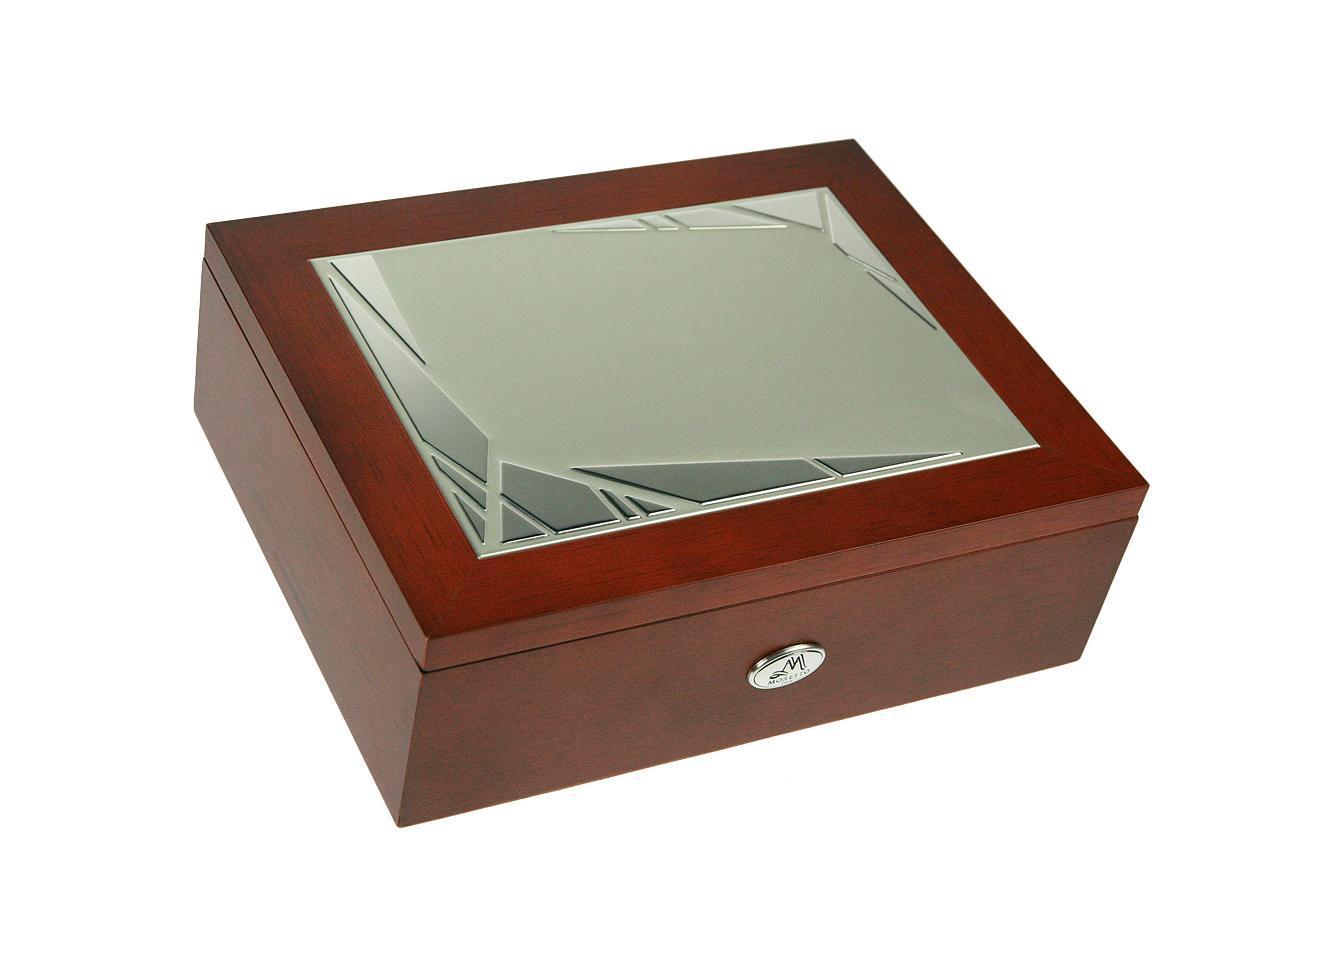 Шкатулка для мужчин Moretto, 24 см х 19 см х 8 см. 139542FS-80299Шкатулка Русские подарки MORETTO 139542 сохранит ваши ювелирные изделия в первозданном виде. С ней вы сможете внести в интерьер частичку элегантности. Данная модель выполнена из качественных материалов и станет оригинальным подарком. Характеристики: Материал: дерево (МДФ), металл (алюминий), текстиль. Цвет: коричневый. Размер шкатулки (ДхШхВ): 24 см х 19 см х 8 см.